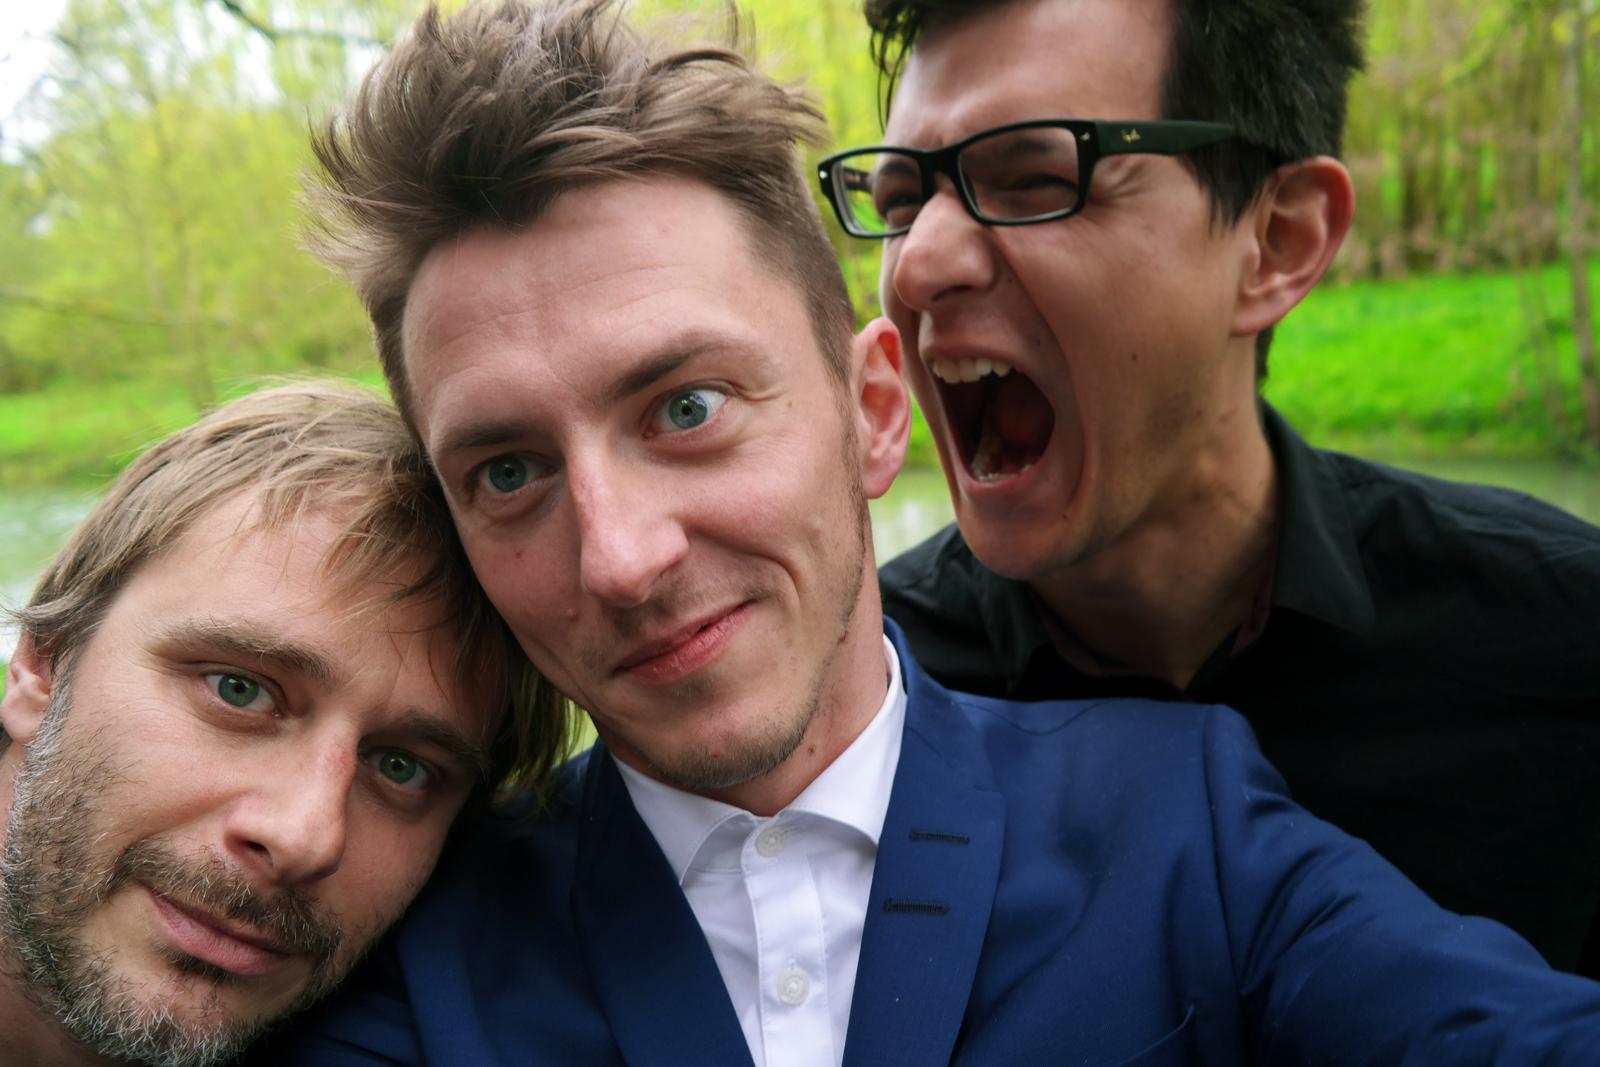 Selfie original de Nord chanteur concert Les Inouies Printemps de Bourges 2016 festival musique exclu usofparis blog